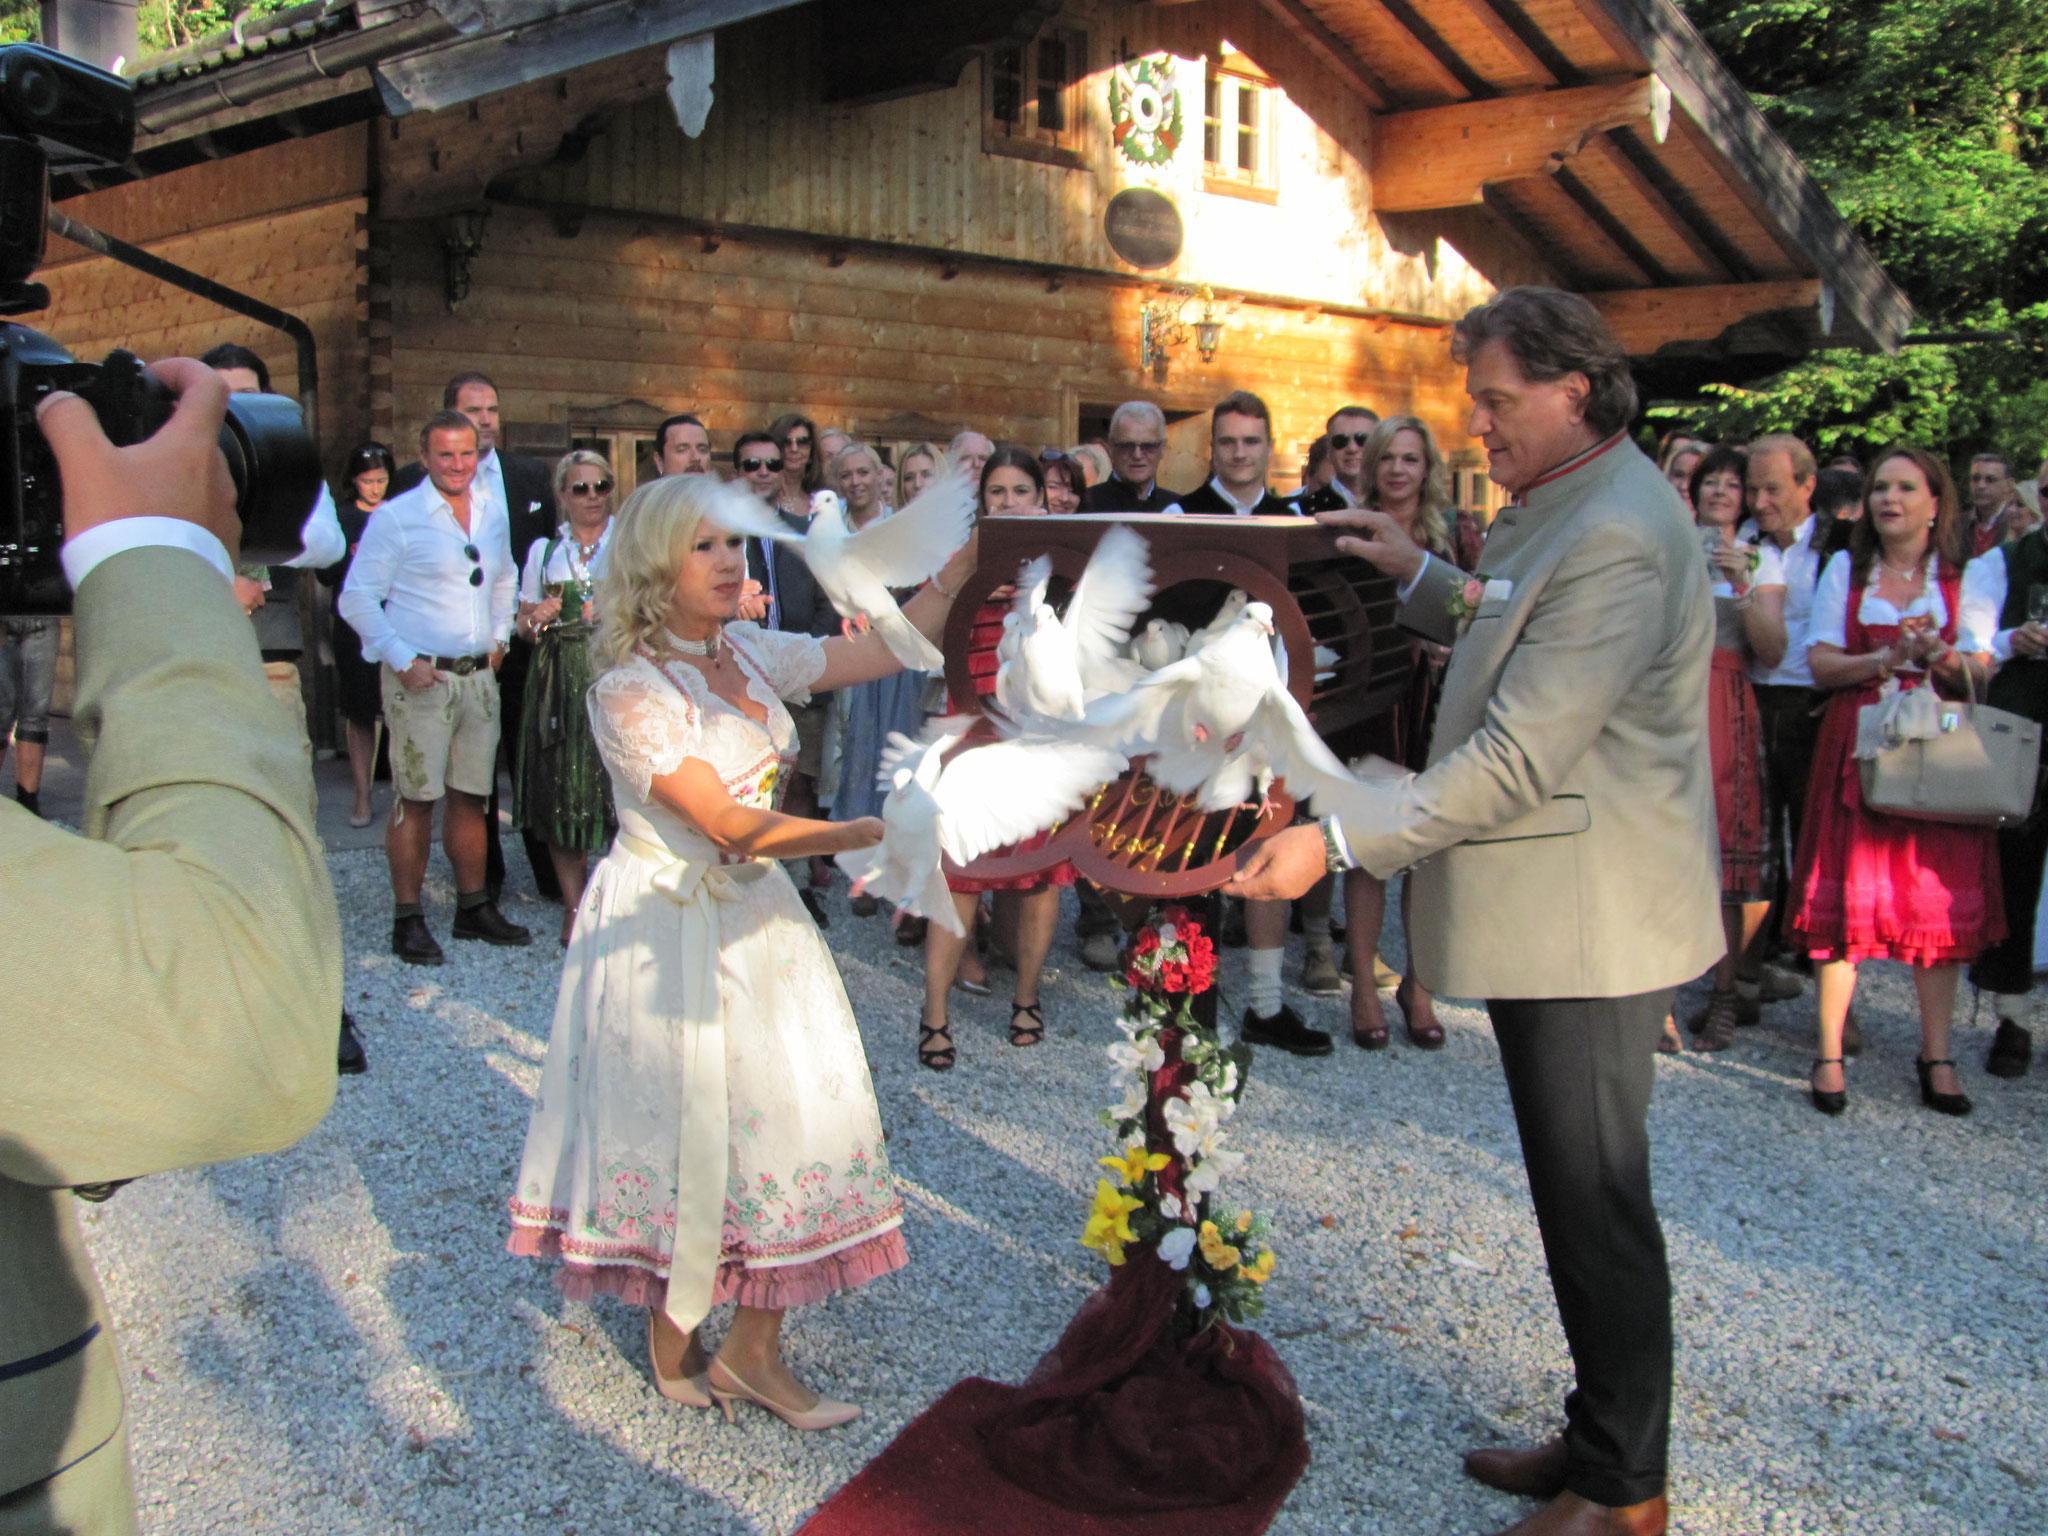 Mariane und Michael lassen die Tauben fliegen